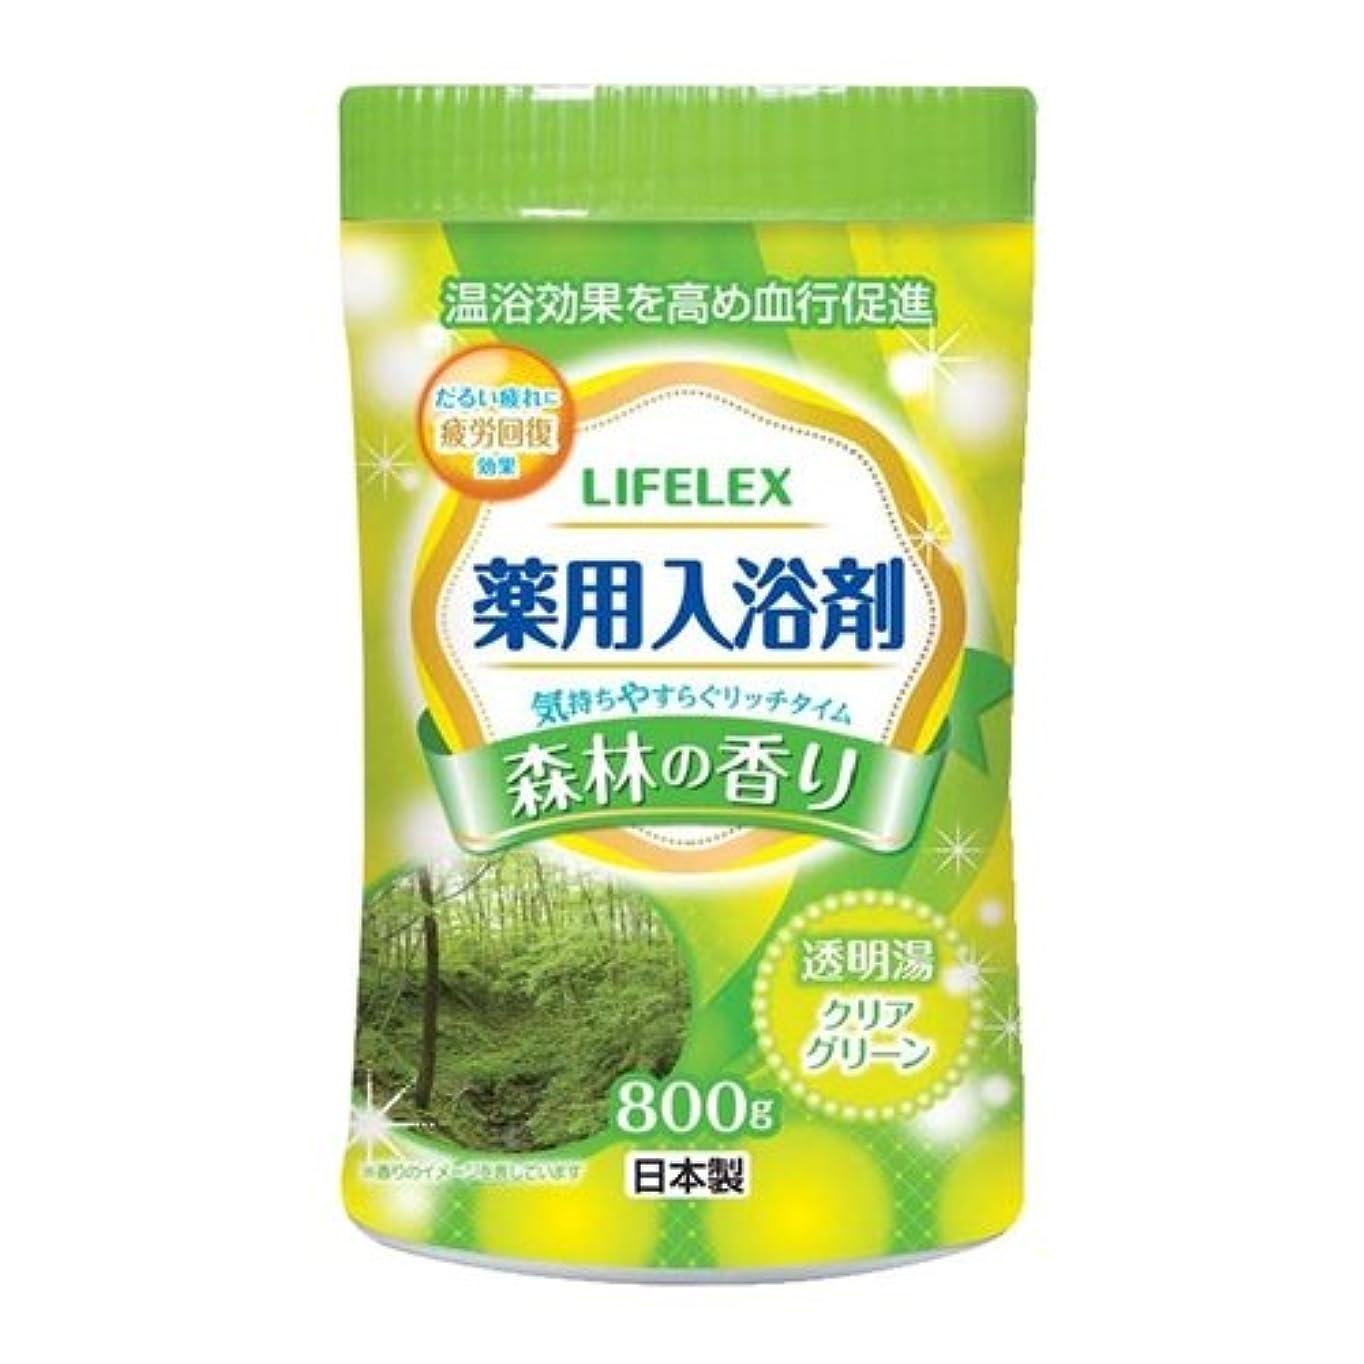 苦情文句クマノミちらつきコーナンオリジナル 薬用入浴剤 森林の香り 800g